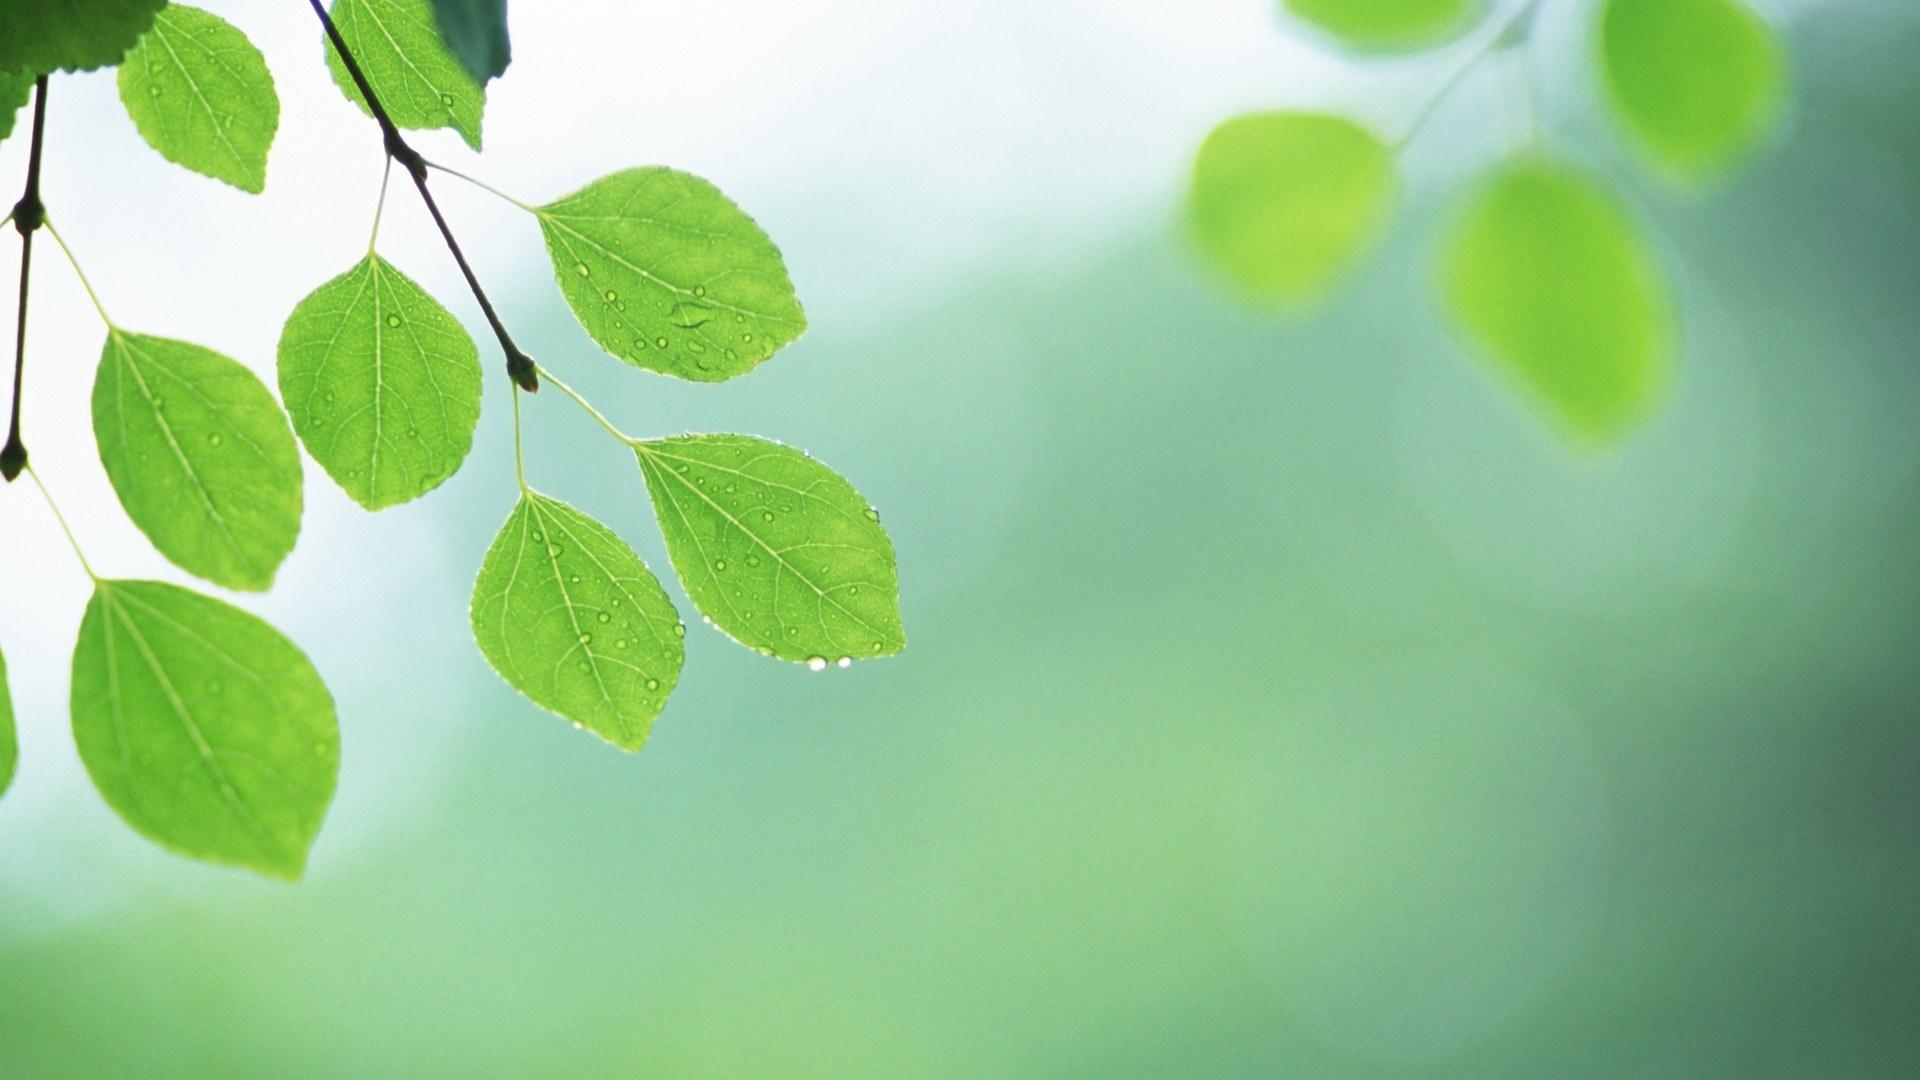 листья зелень фокус  № 1341619 загрузить